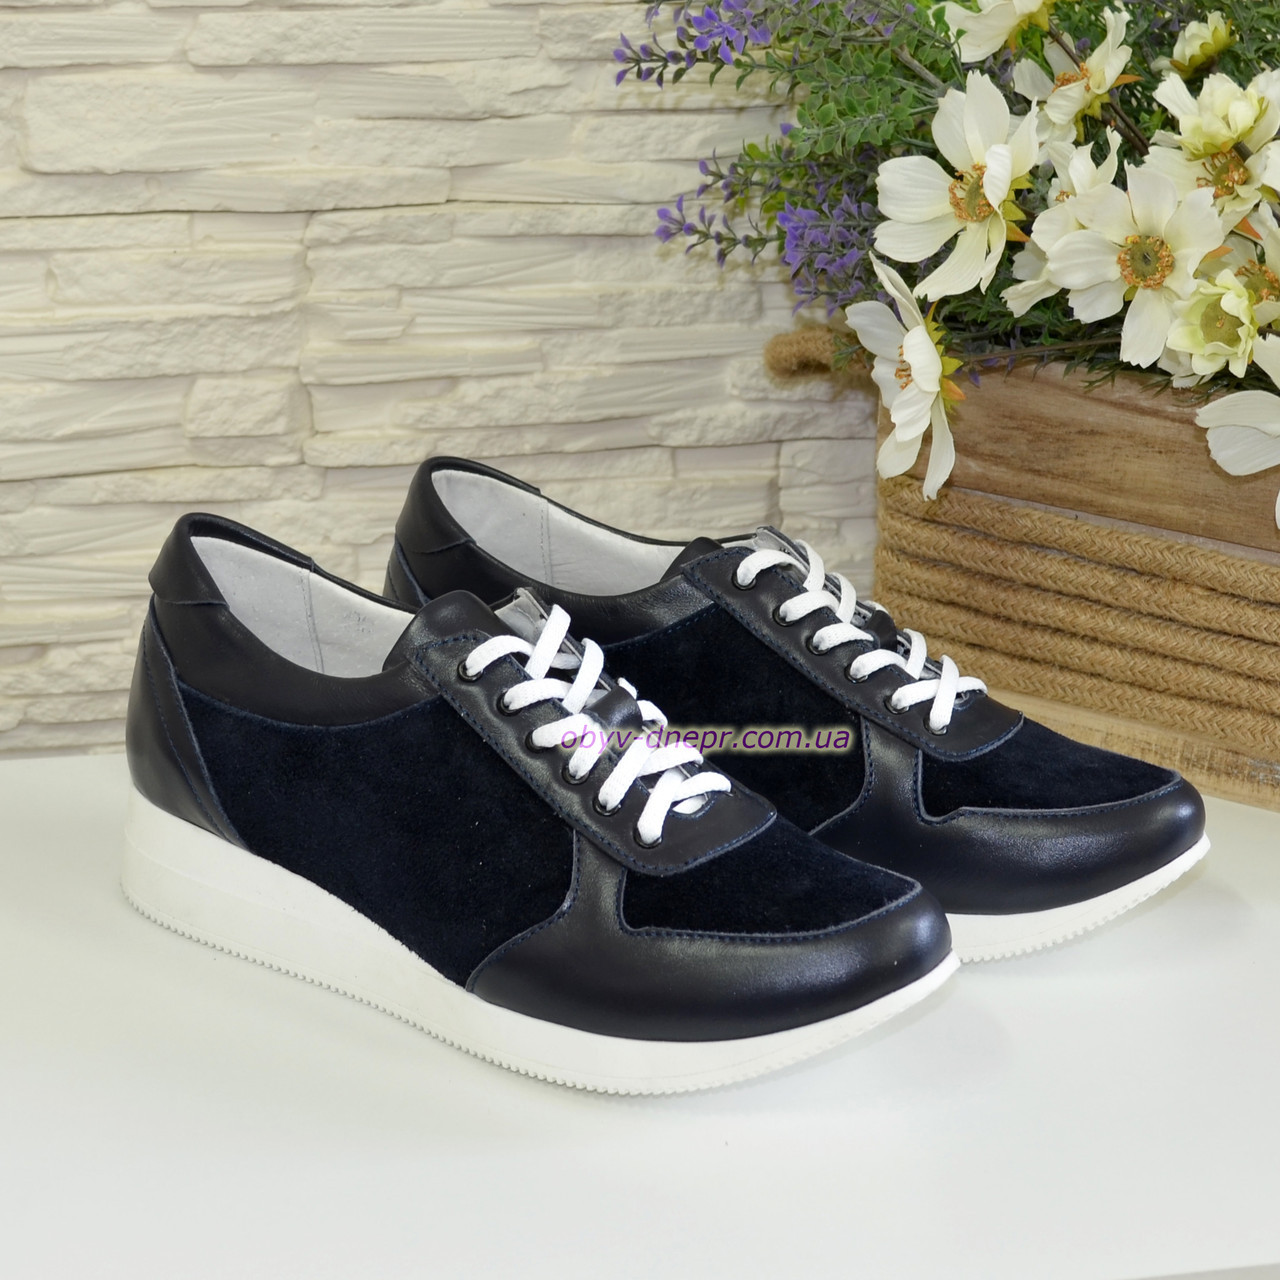 Стильные женские кроссовки на шнуровке, из натуральной кожи и замши синего цвета